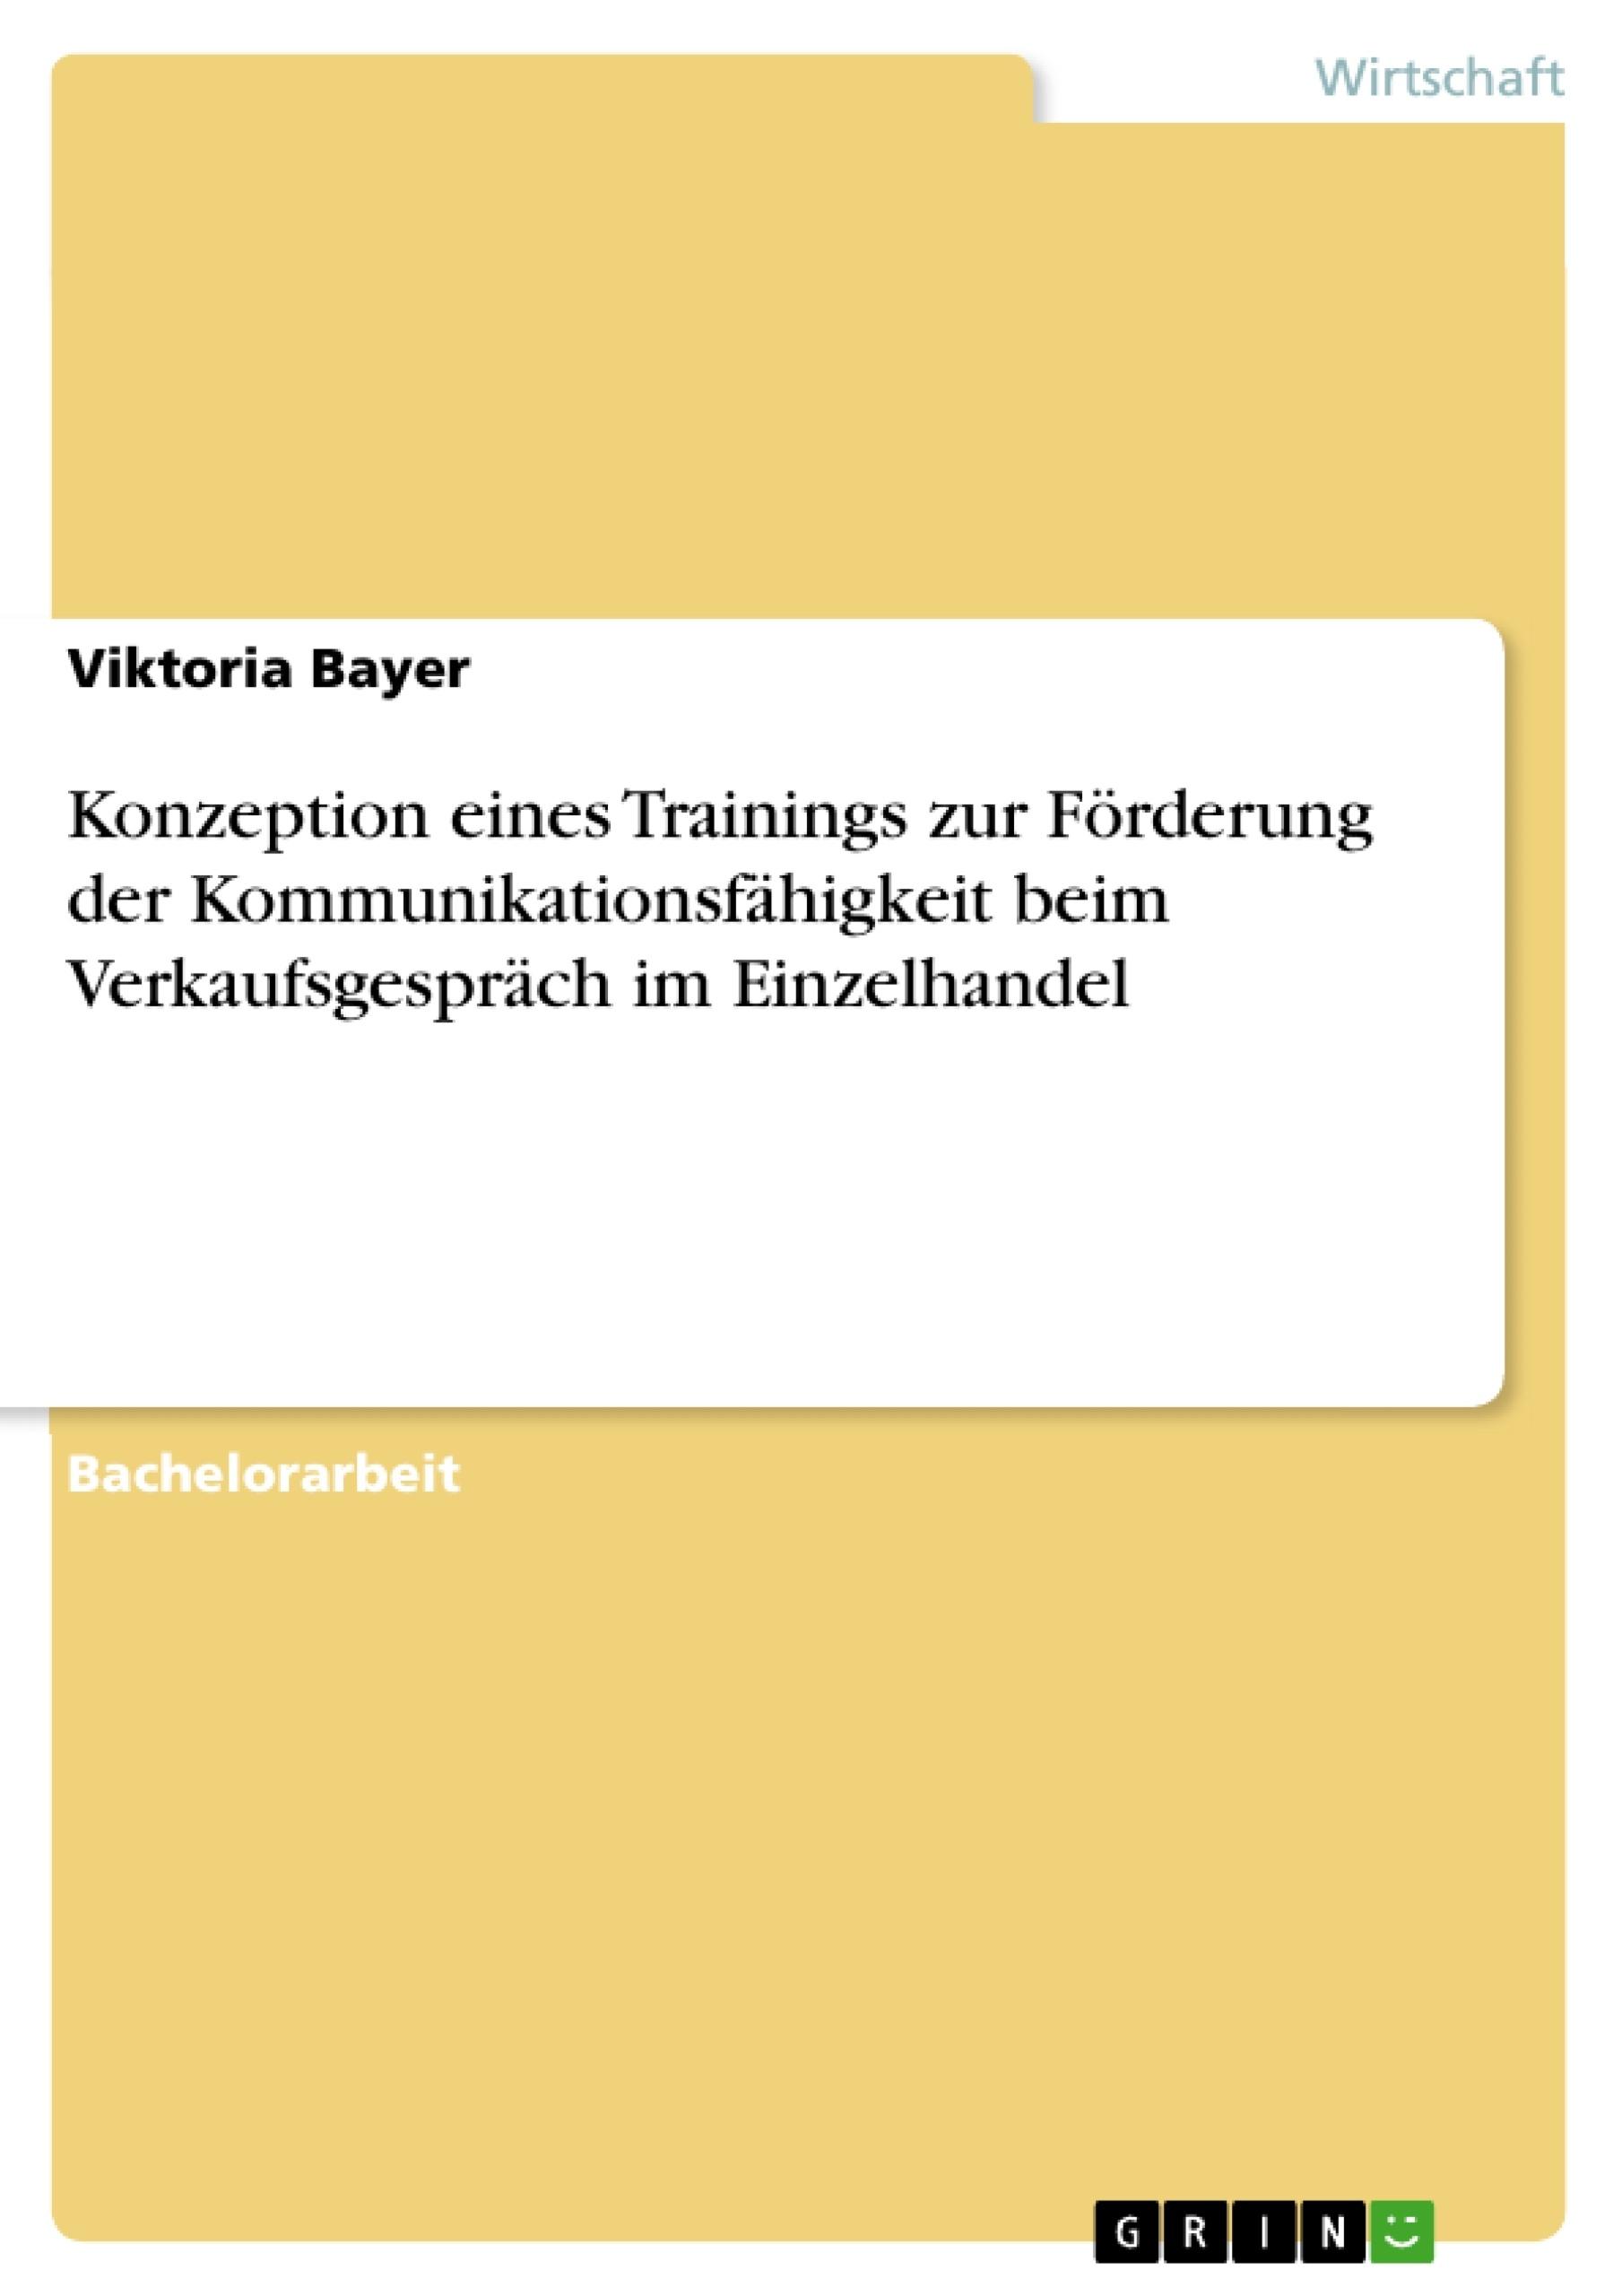 Titel: Konzeption eines Trainings zur Förderung der Kommunikationsfähigkeit beim Verkaufsgespräch im Einzelhandel